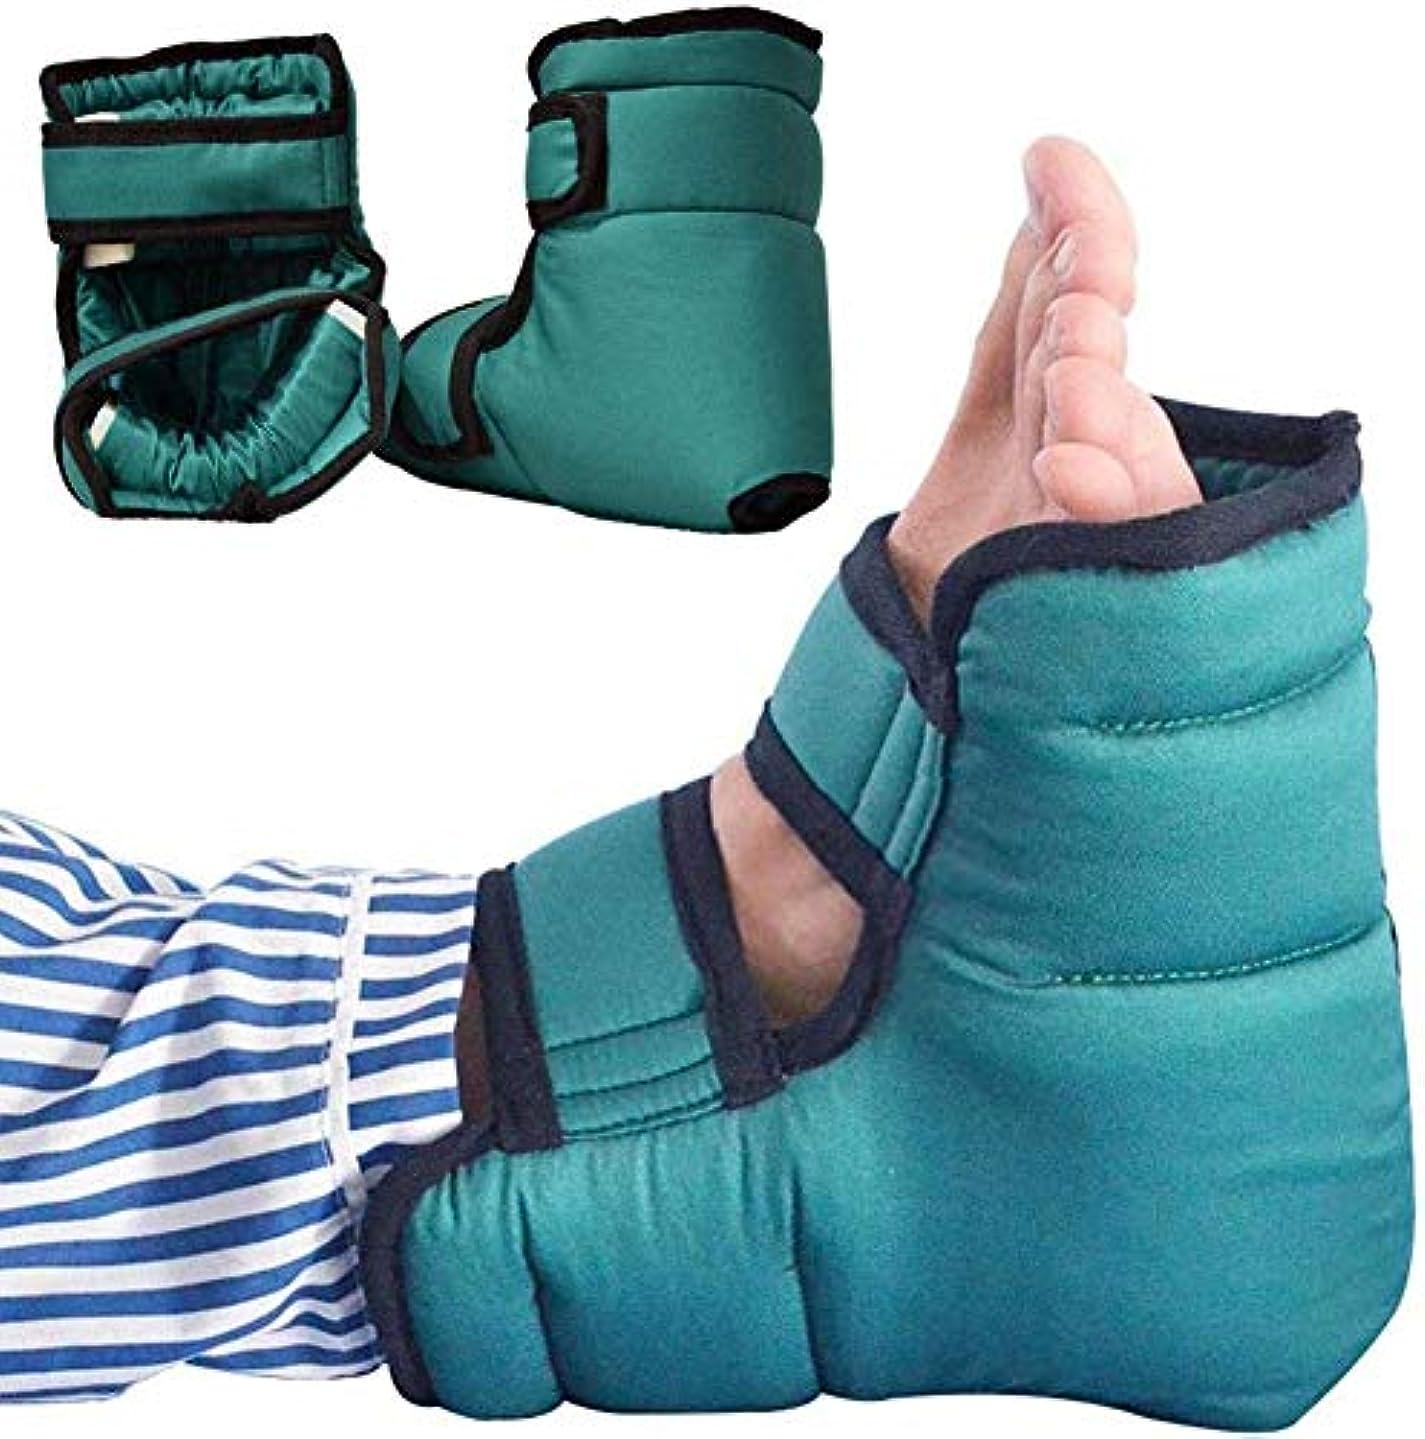 脱走つまらない女優抗床ずれヒールプロテクター枕、圧力緩和ヒールプロテクター、患者ケアヒールパッド足首プロテクタークッション、効果的な床ずれおよび足潰瘍緩和フットピロー、1ペア